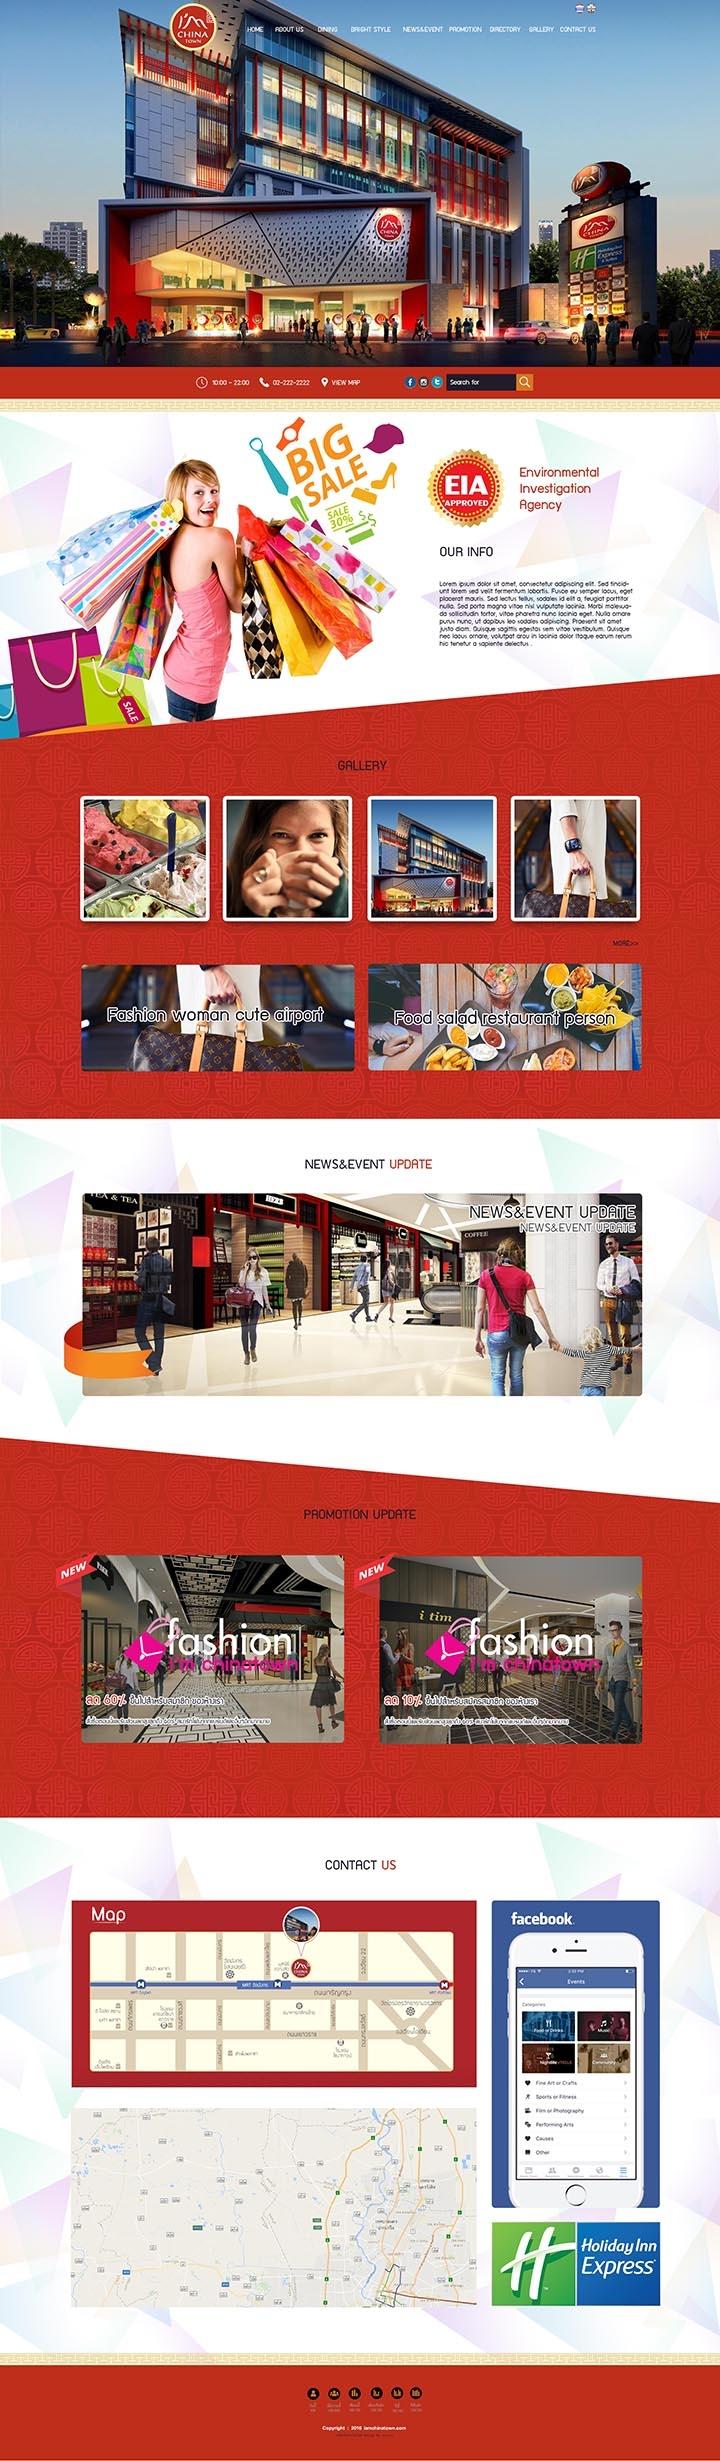 ทำเว็บห้างสรรพสินค้า,บริษัทออกแบบเว็บไซต์ห้างช็อปปิ้ง